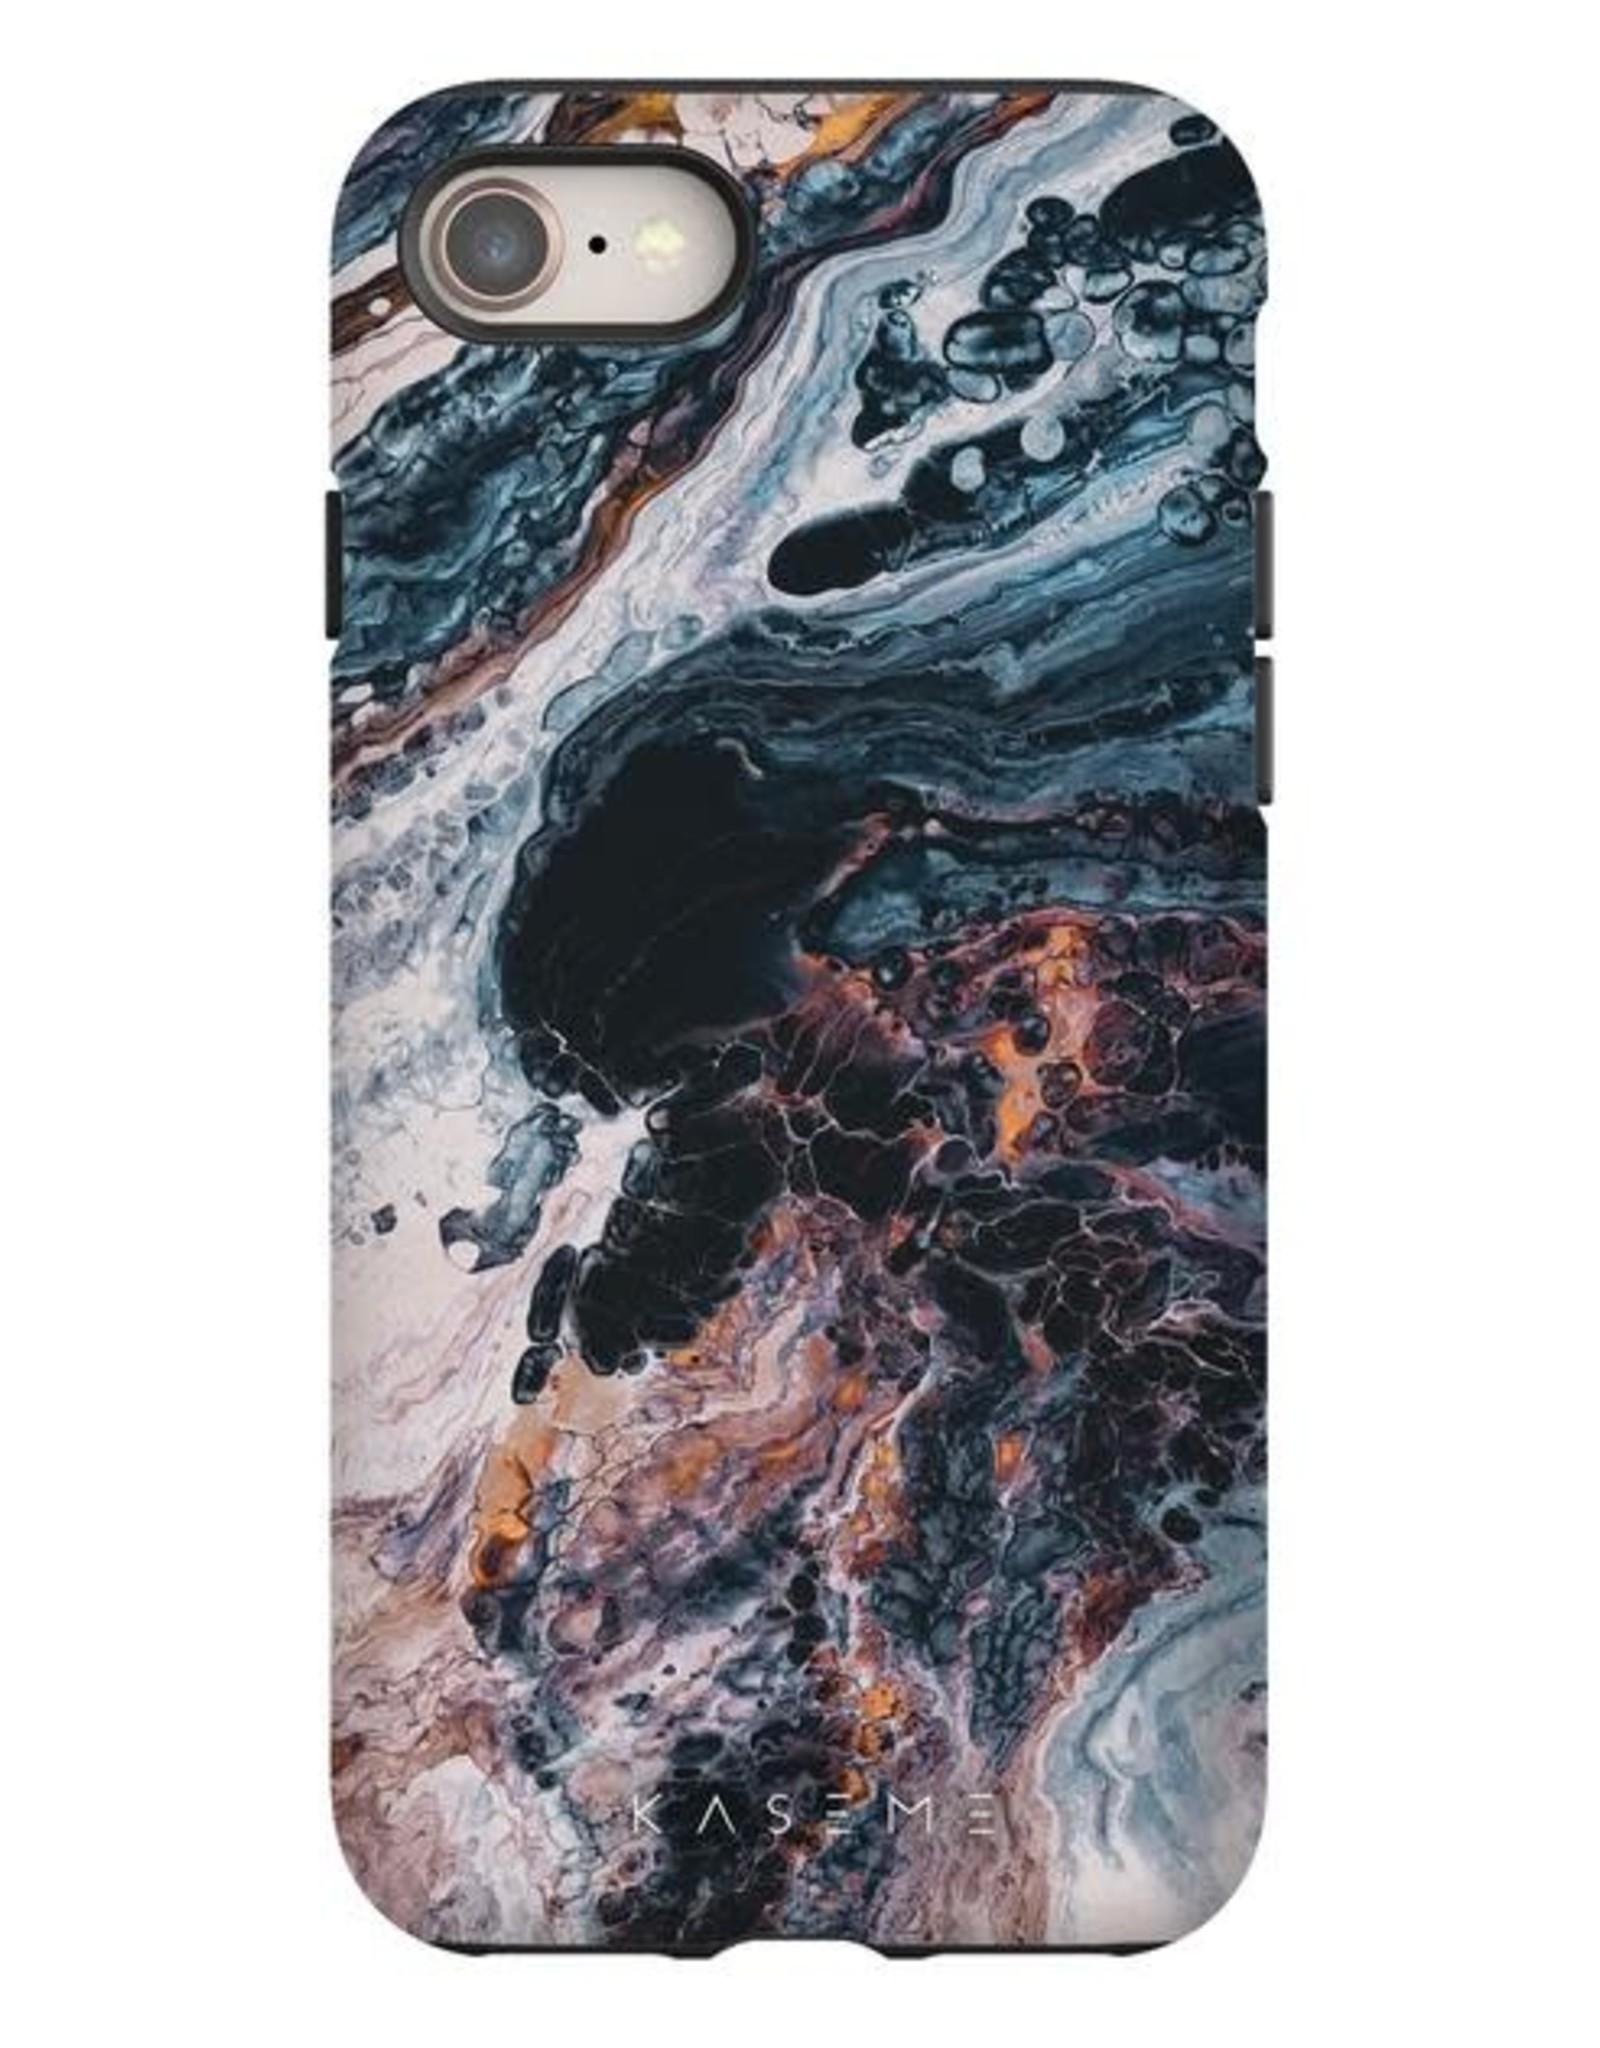 Kaseme Kasemen- étui cellulaire iPhone calypso